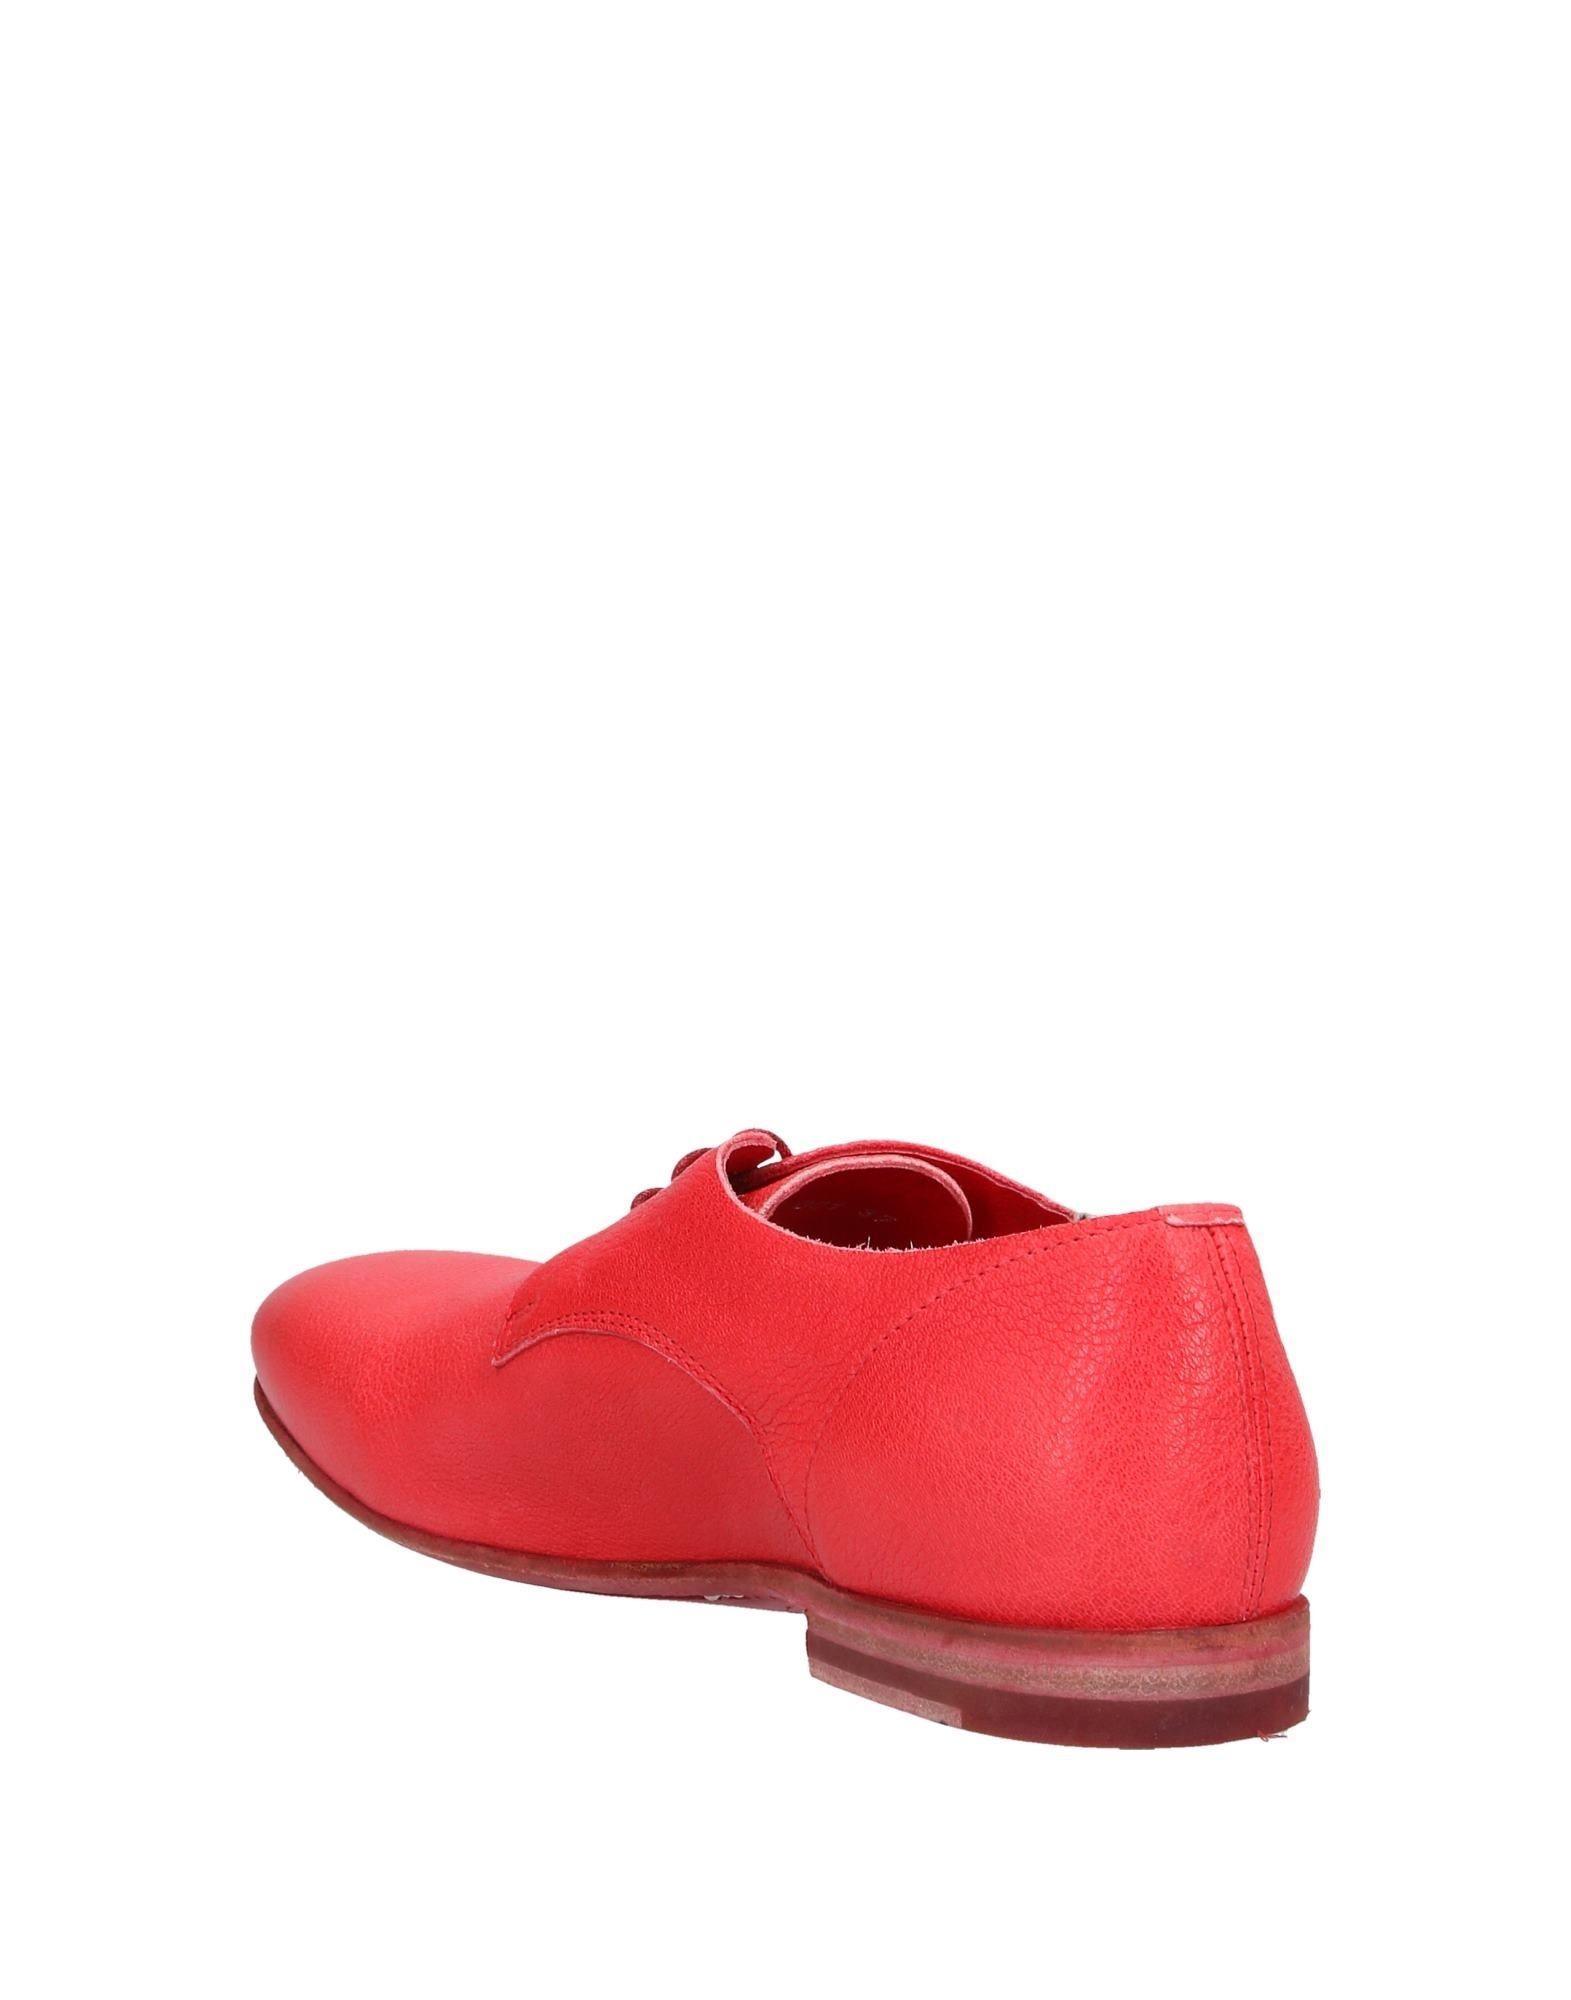 Zapatos de cordones Officine Creative de Cuero de color Rojo